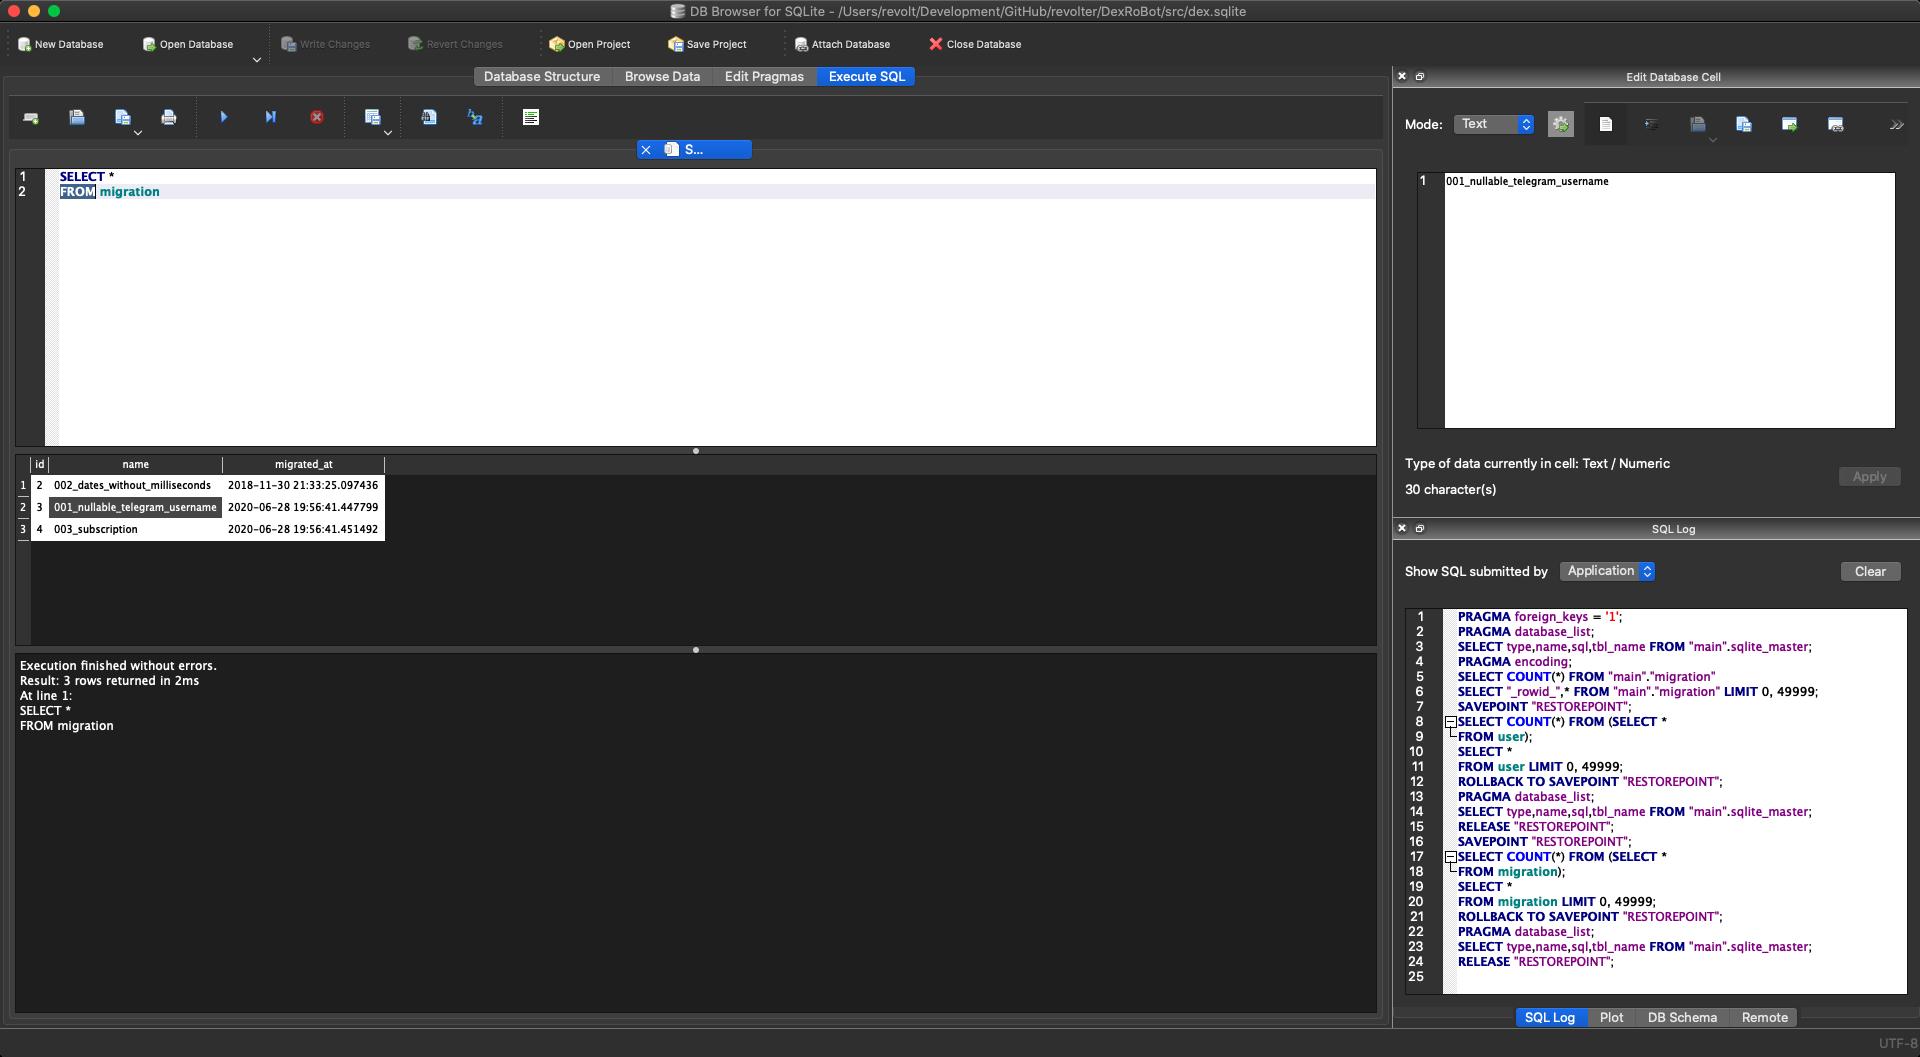 Screenshot 2020-07-01 at 10 44 22